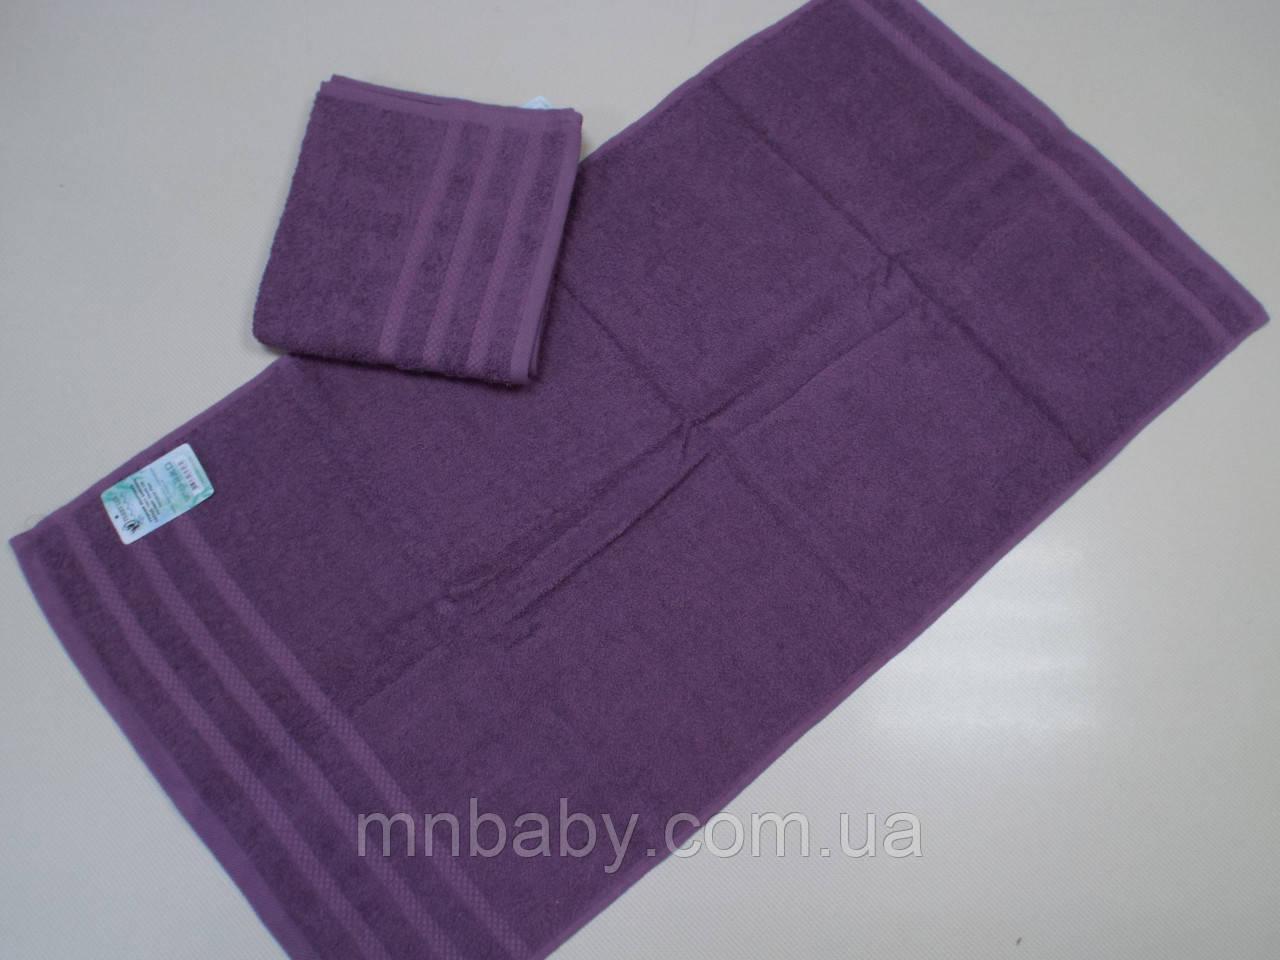 Полотенце махровое 50*90 см фиолет